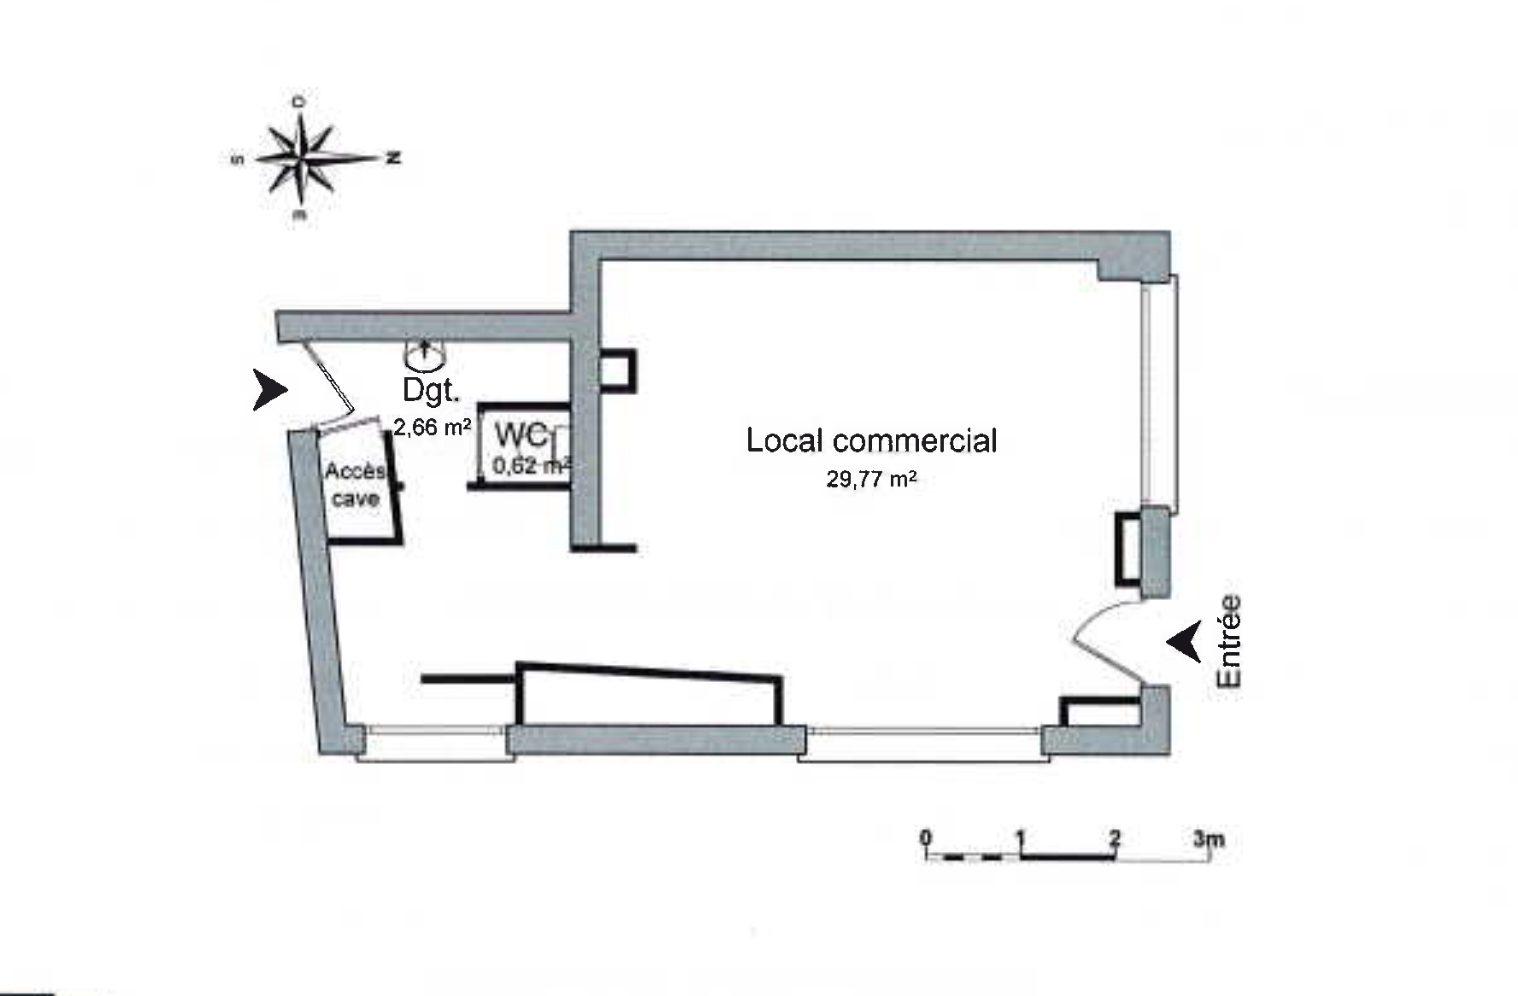 EMPLACEMENT N°1 CATHEDRALE LOCAL COMMERCIAL A LOUER - Devenez locataire en toute sérénité - Bintz Immobilier - 2